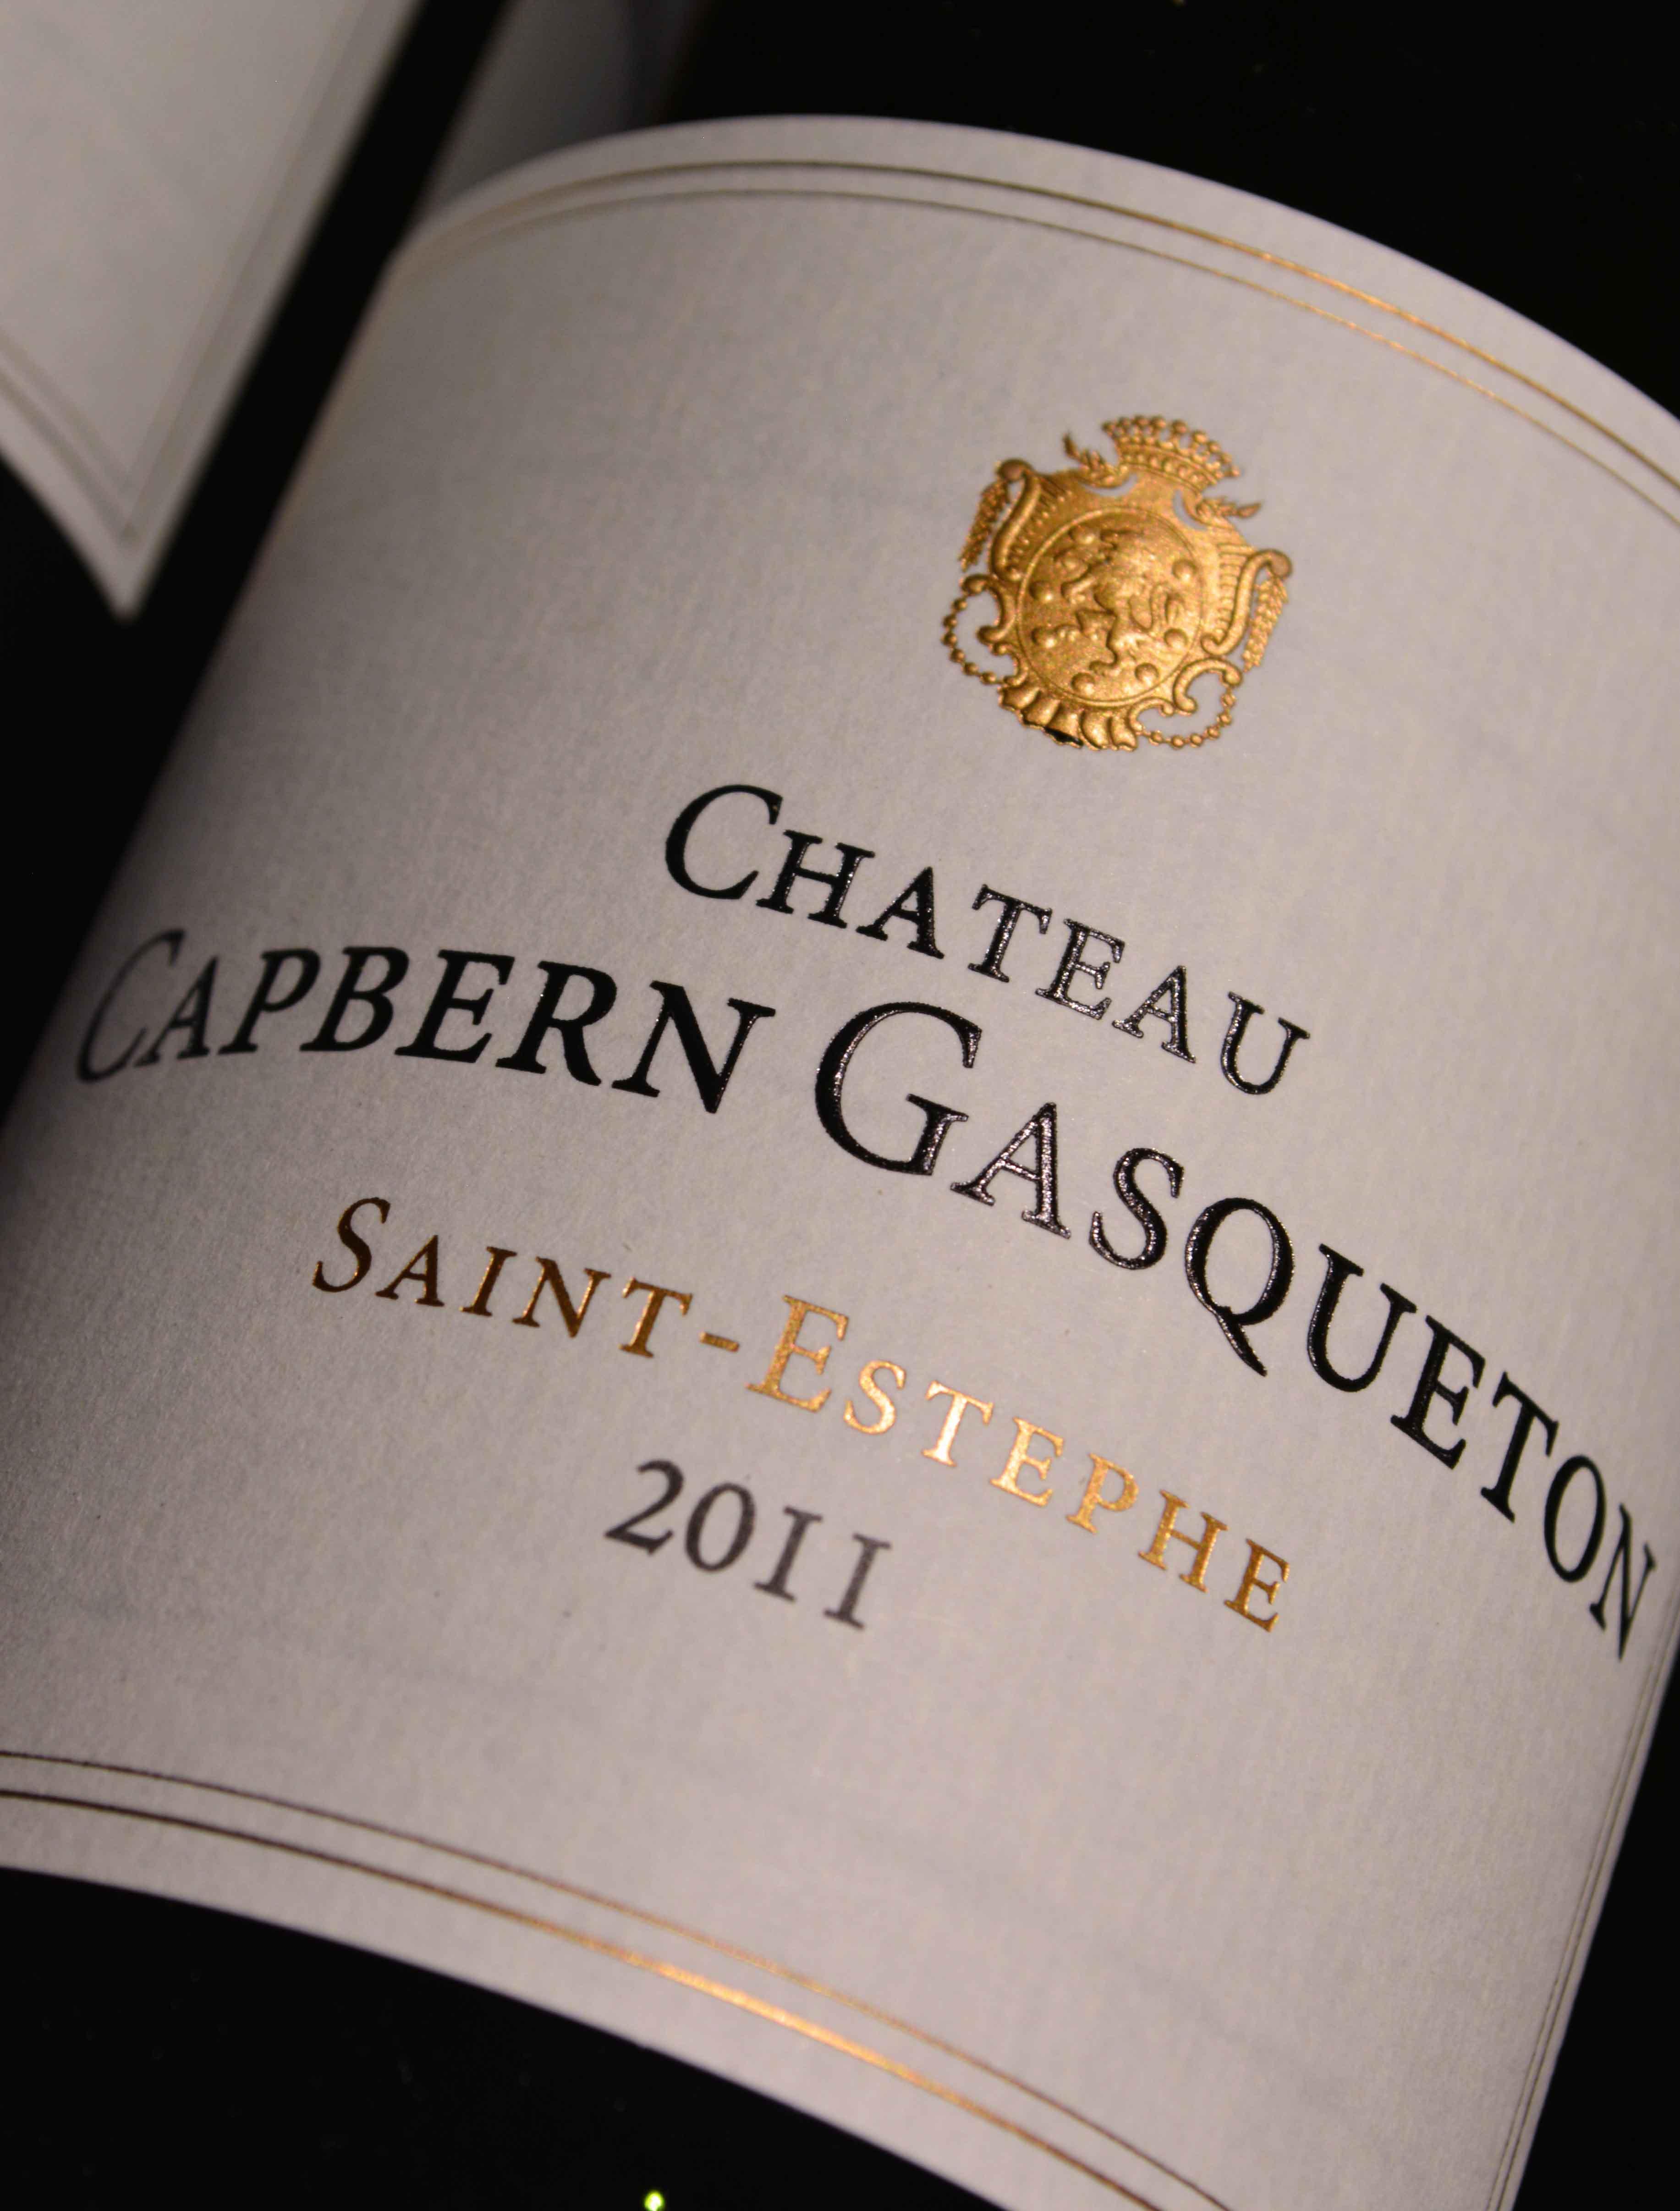 Chateau Capbern Gasqueton, capbern gasqueton, Bordeaux wijn, Saint Estèphe wijn, Frankrijk wijn